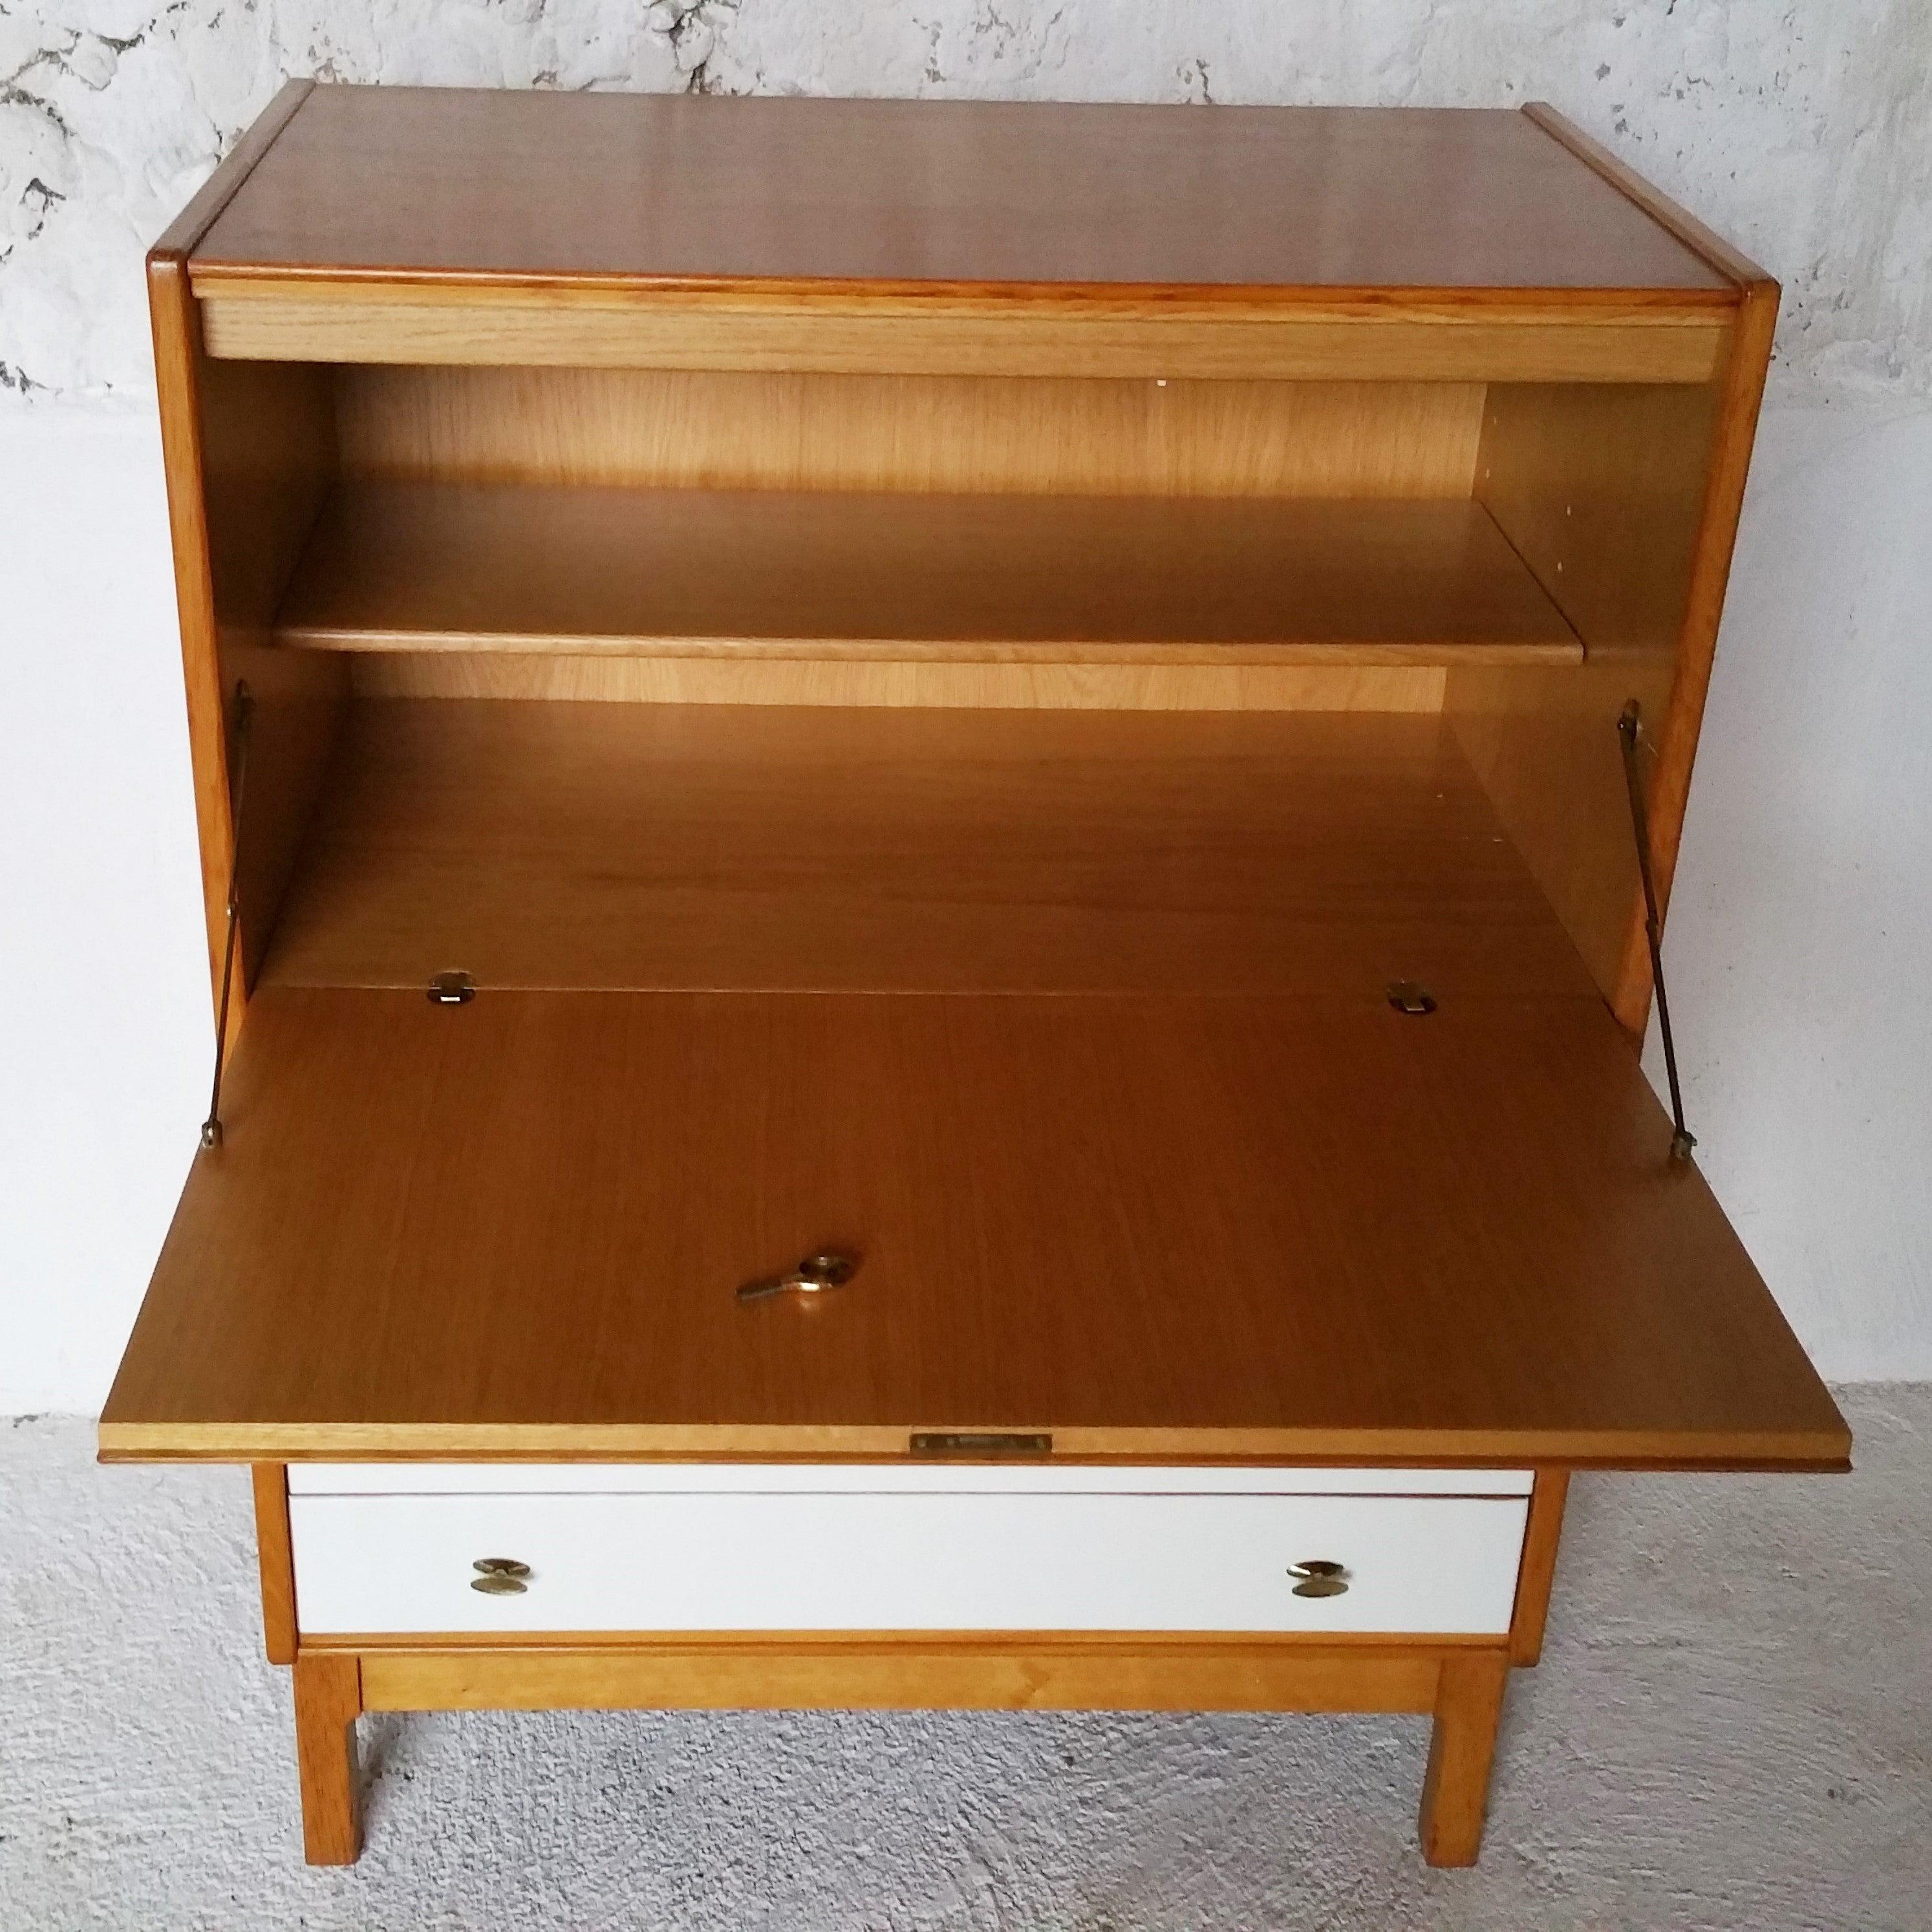 Petit secrétaire vintage en bois massif fibresendeco vannerie artisanale& mobilier vintage # Secrétaire Bois Massif